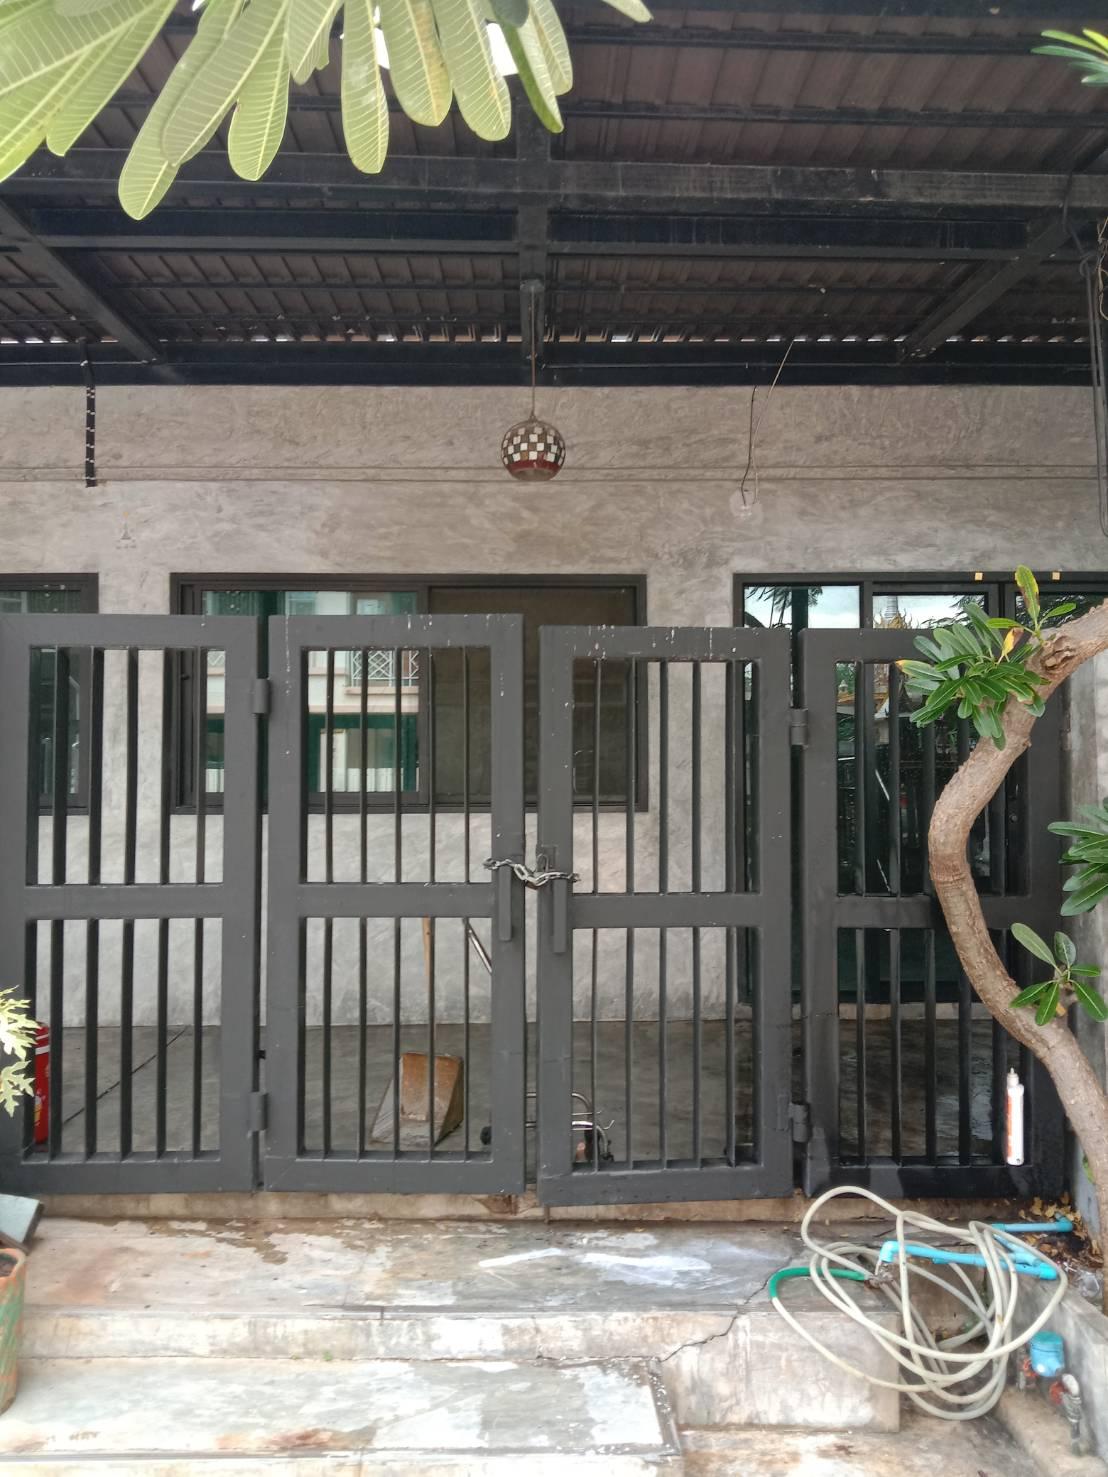 ขายทาวน์เฮ้าส์ 2 ชั้น หมู่บ้านพฤกษา15 บางพลี-ตำหรุ สมุทรปราการ บ้านสวย